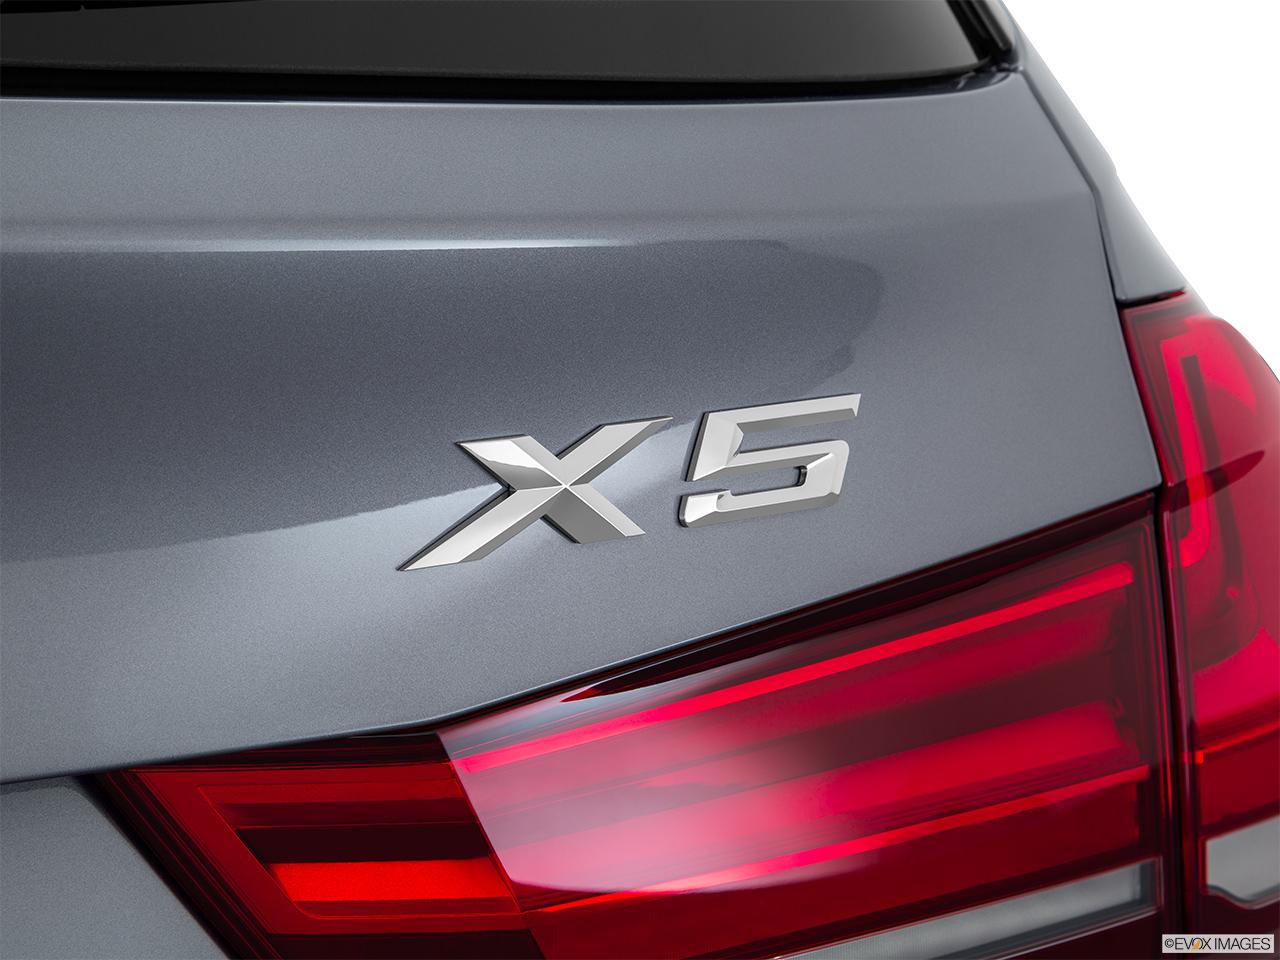 2015 Bmw X5 4 Door Xdrive35i Rear Model Badge Emblem